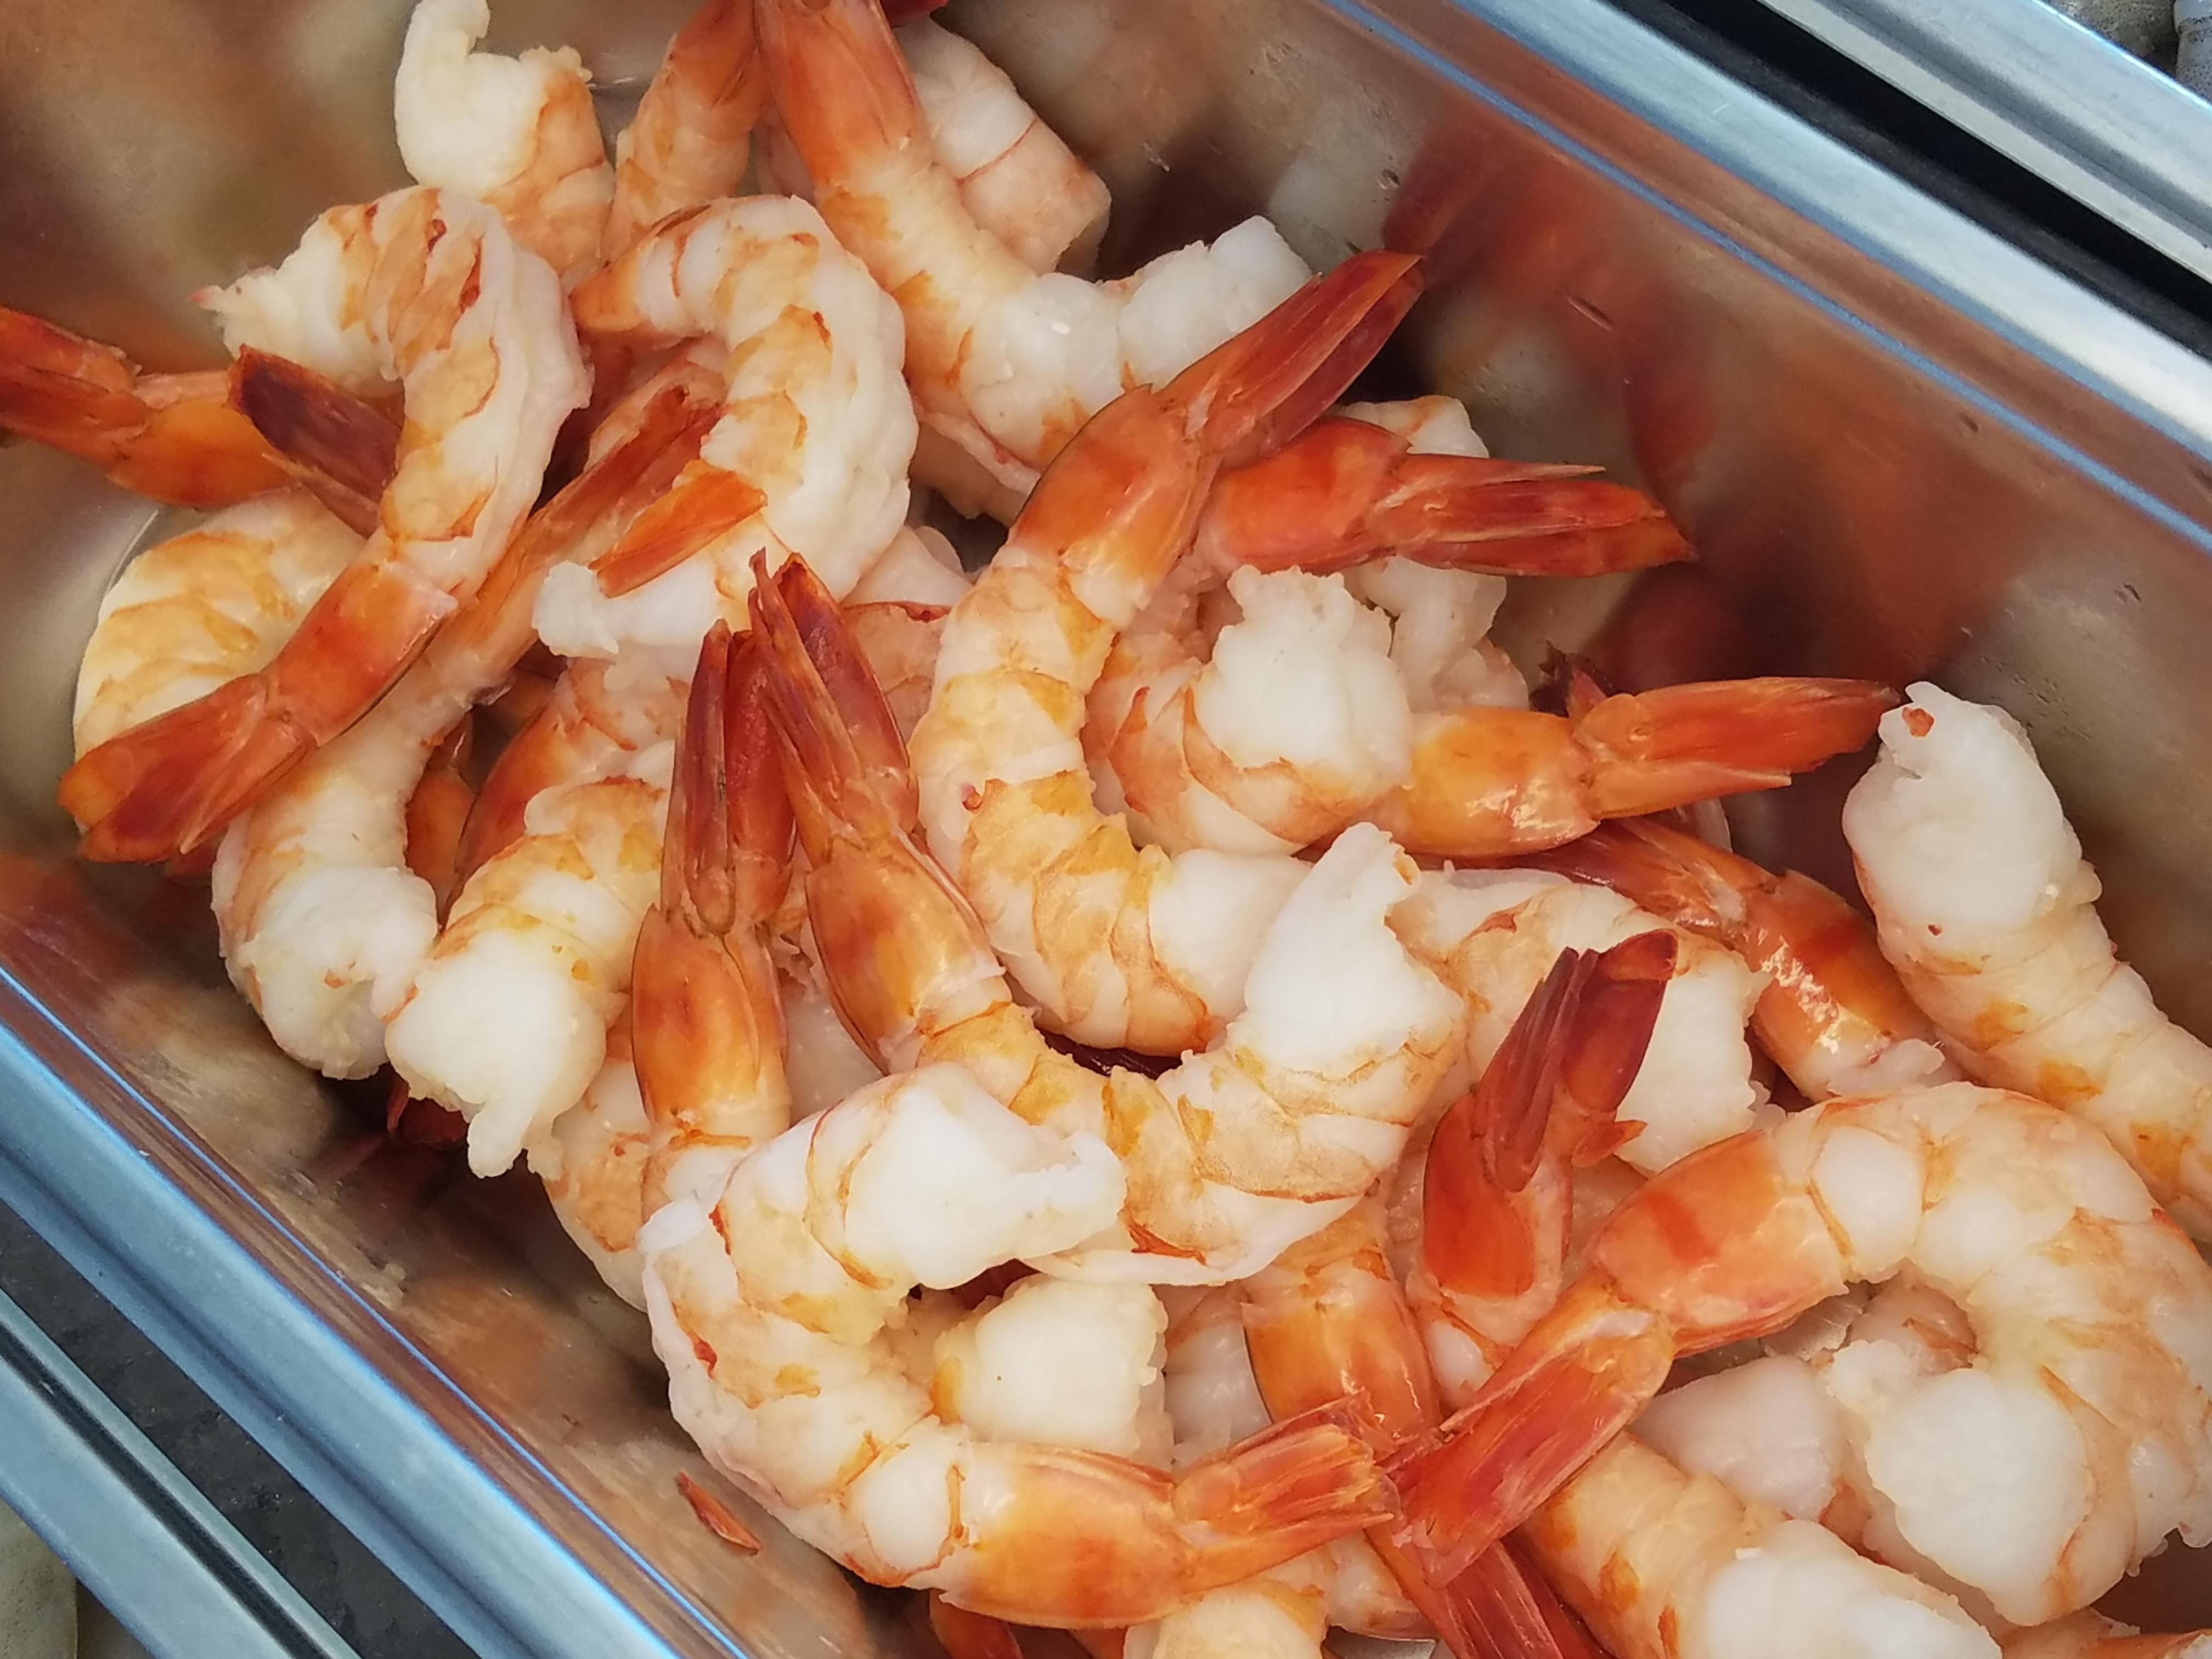 Got Shrimp? We do!